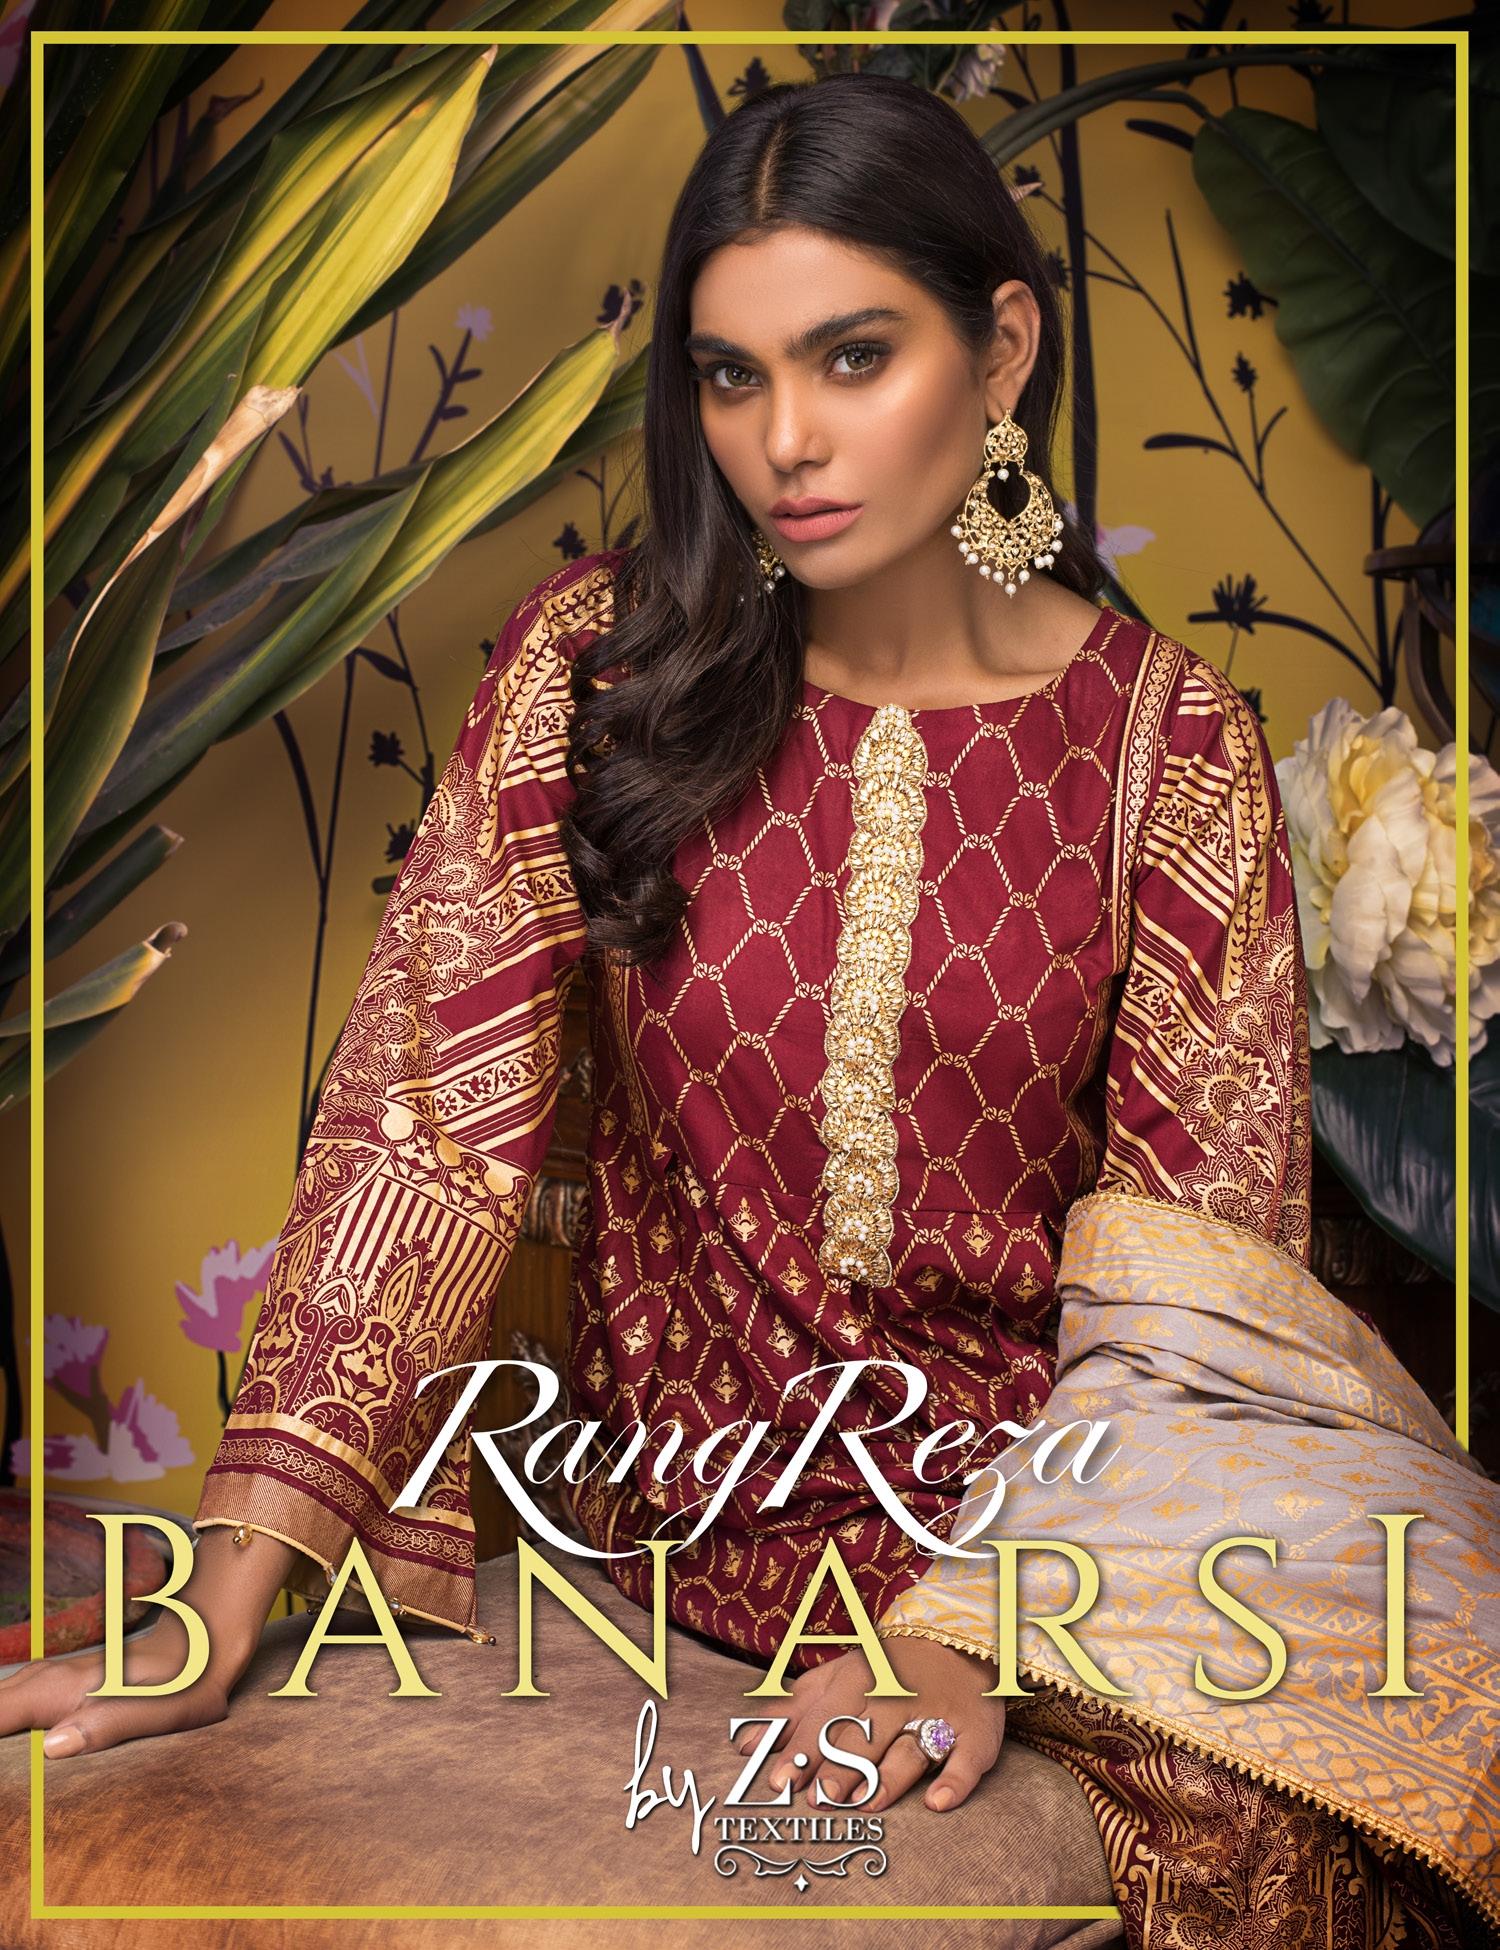 Rangreza Banarsi Collection'20